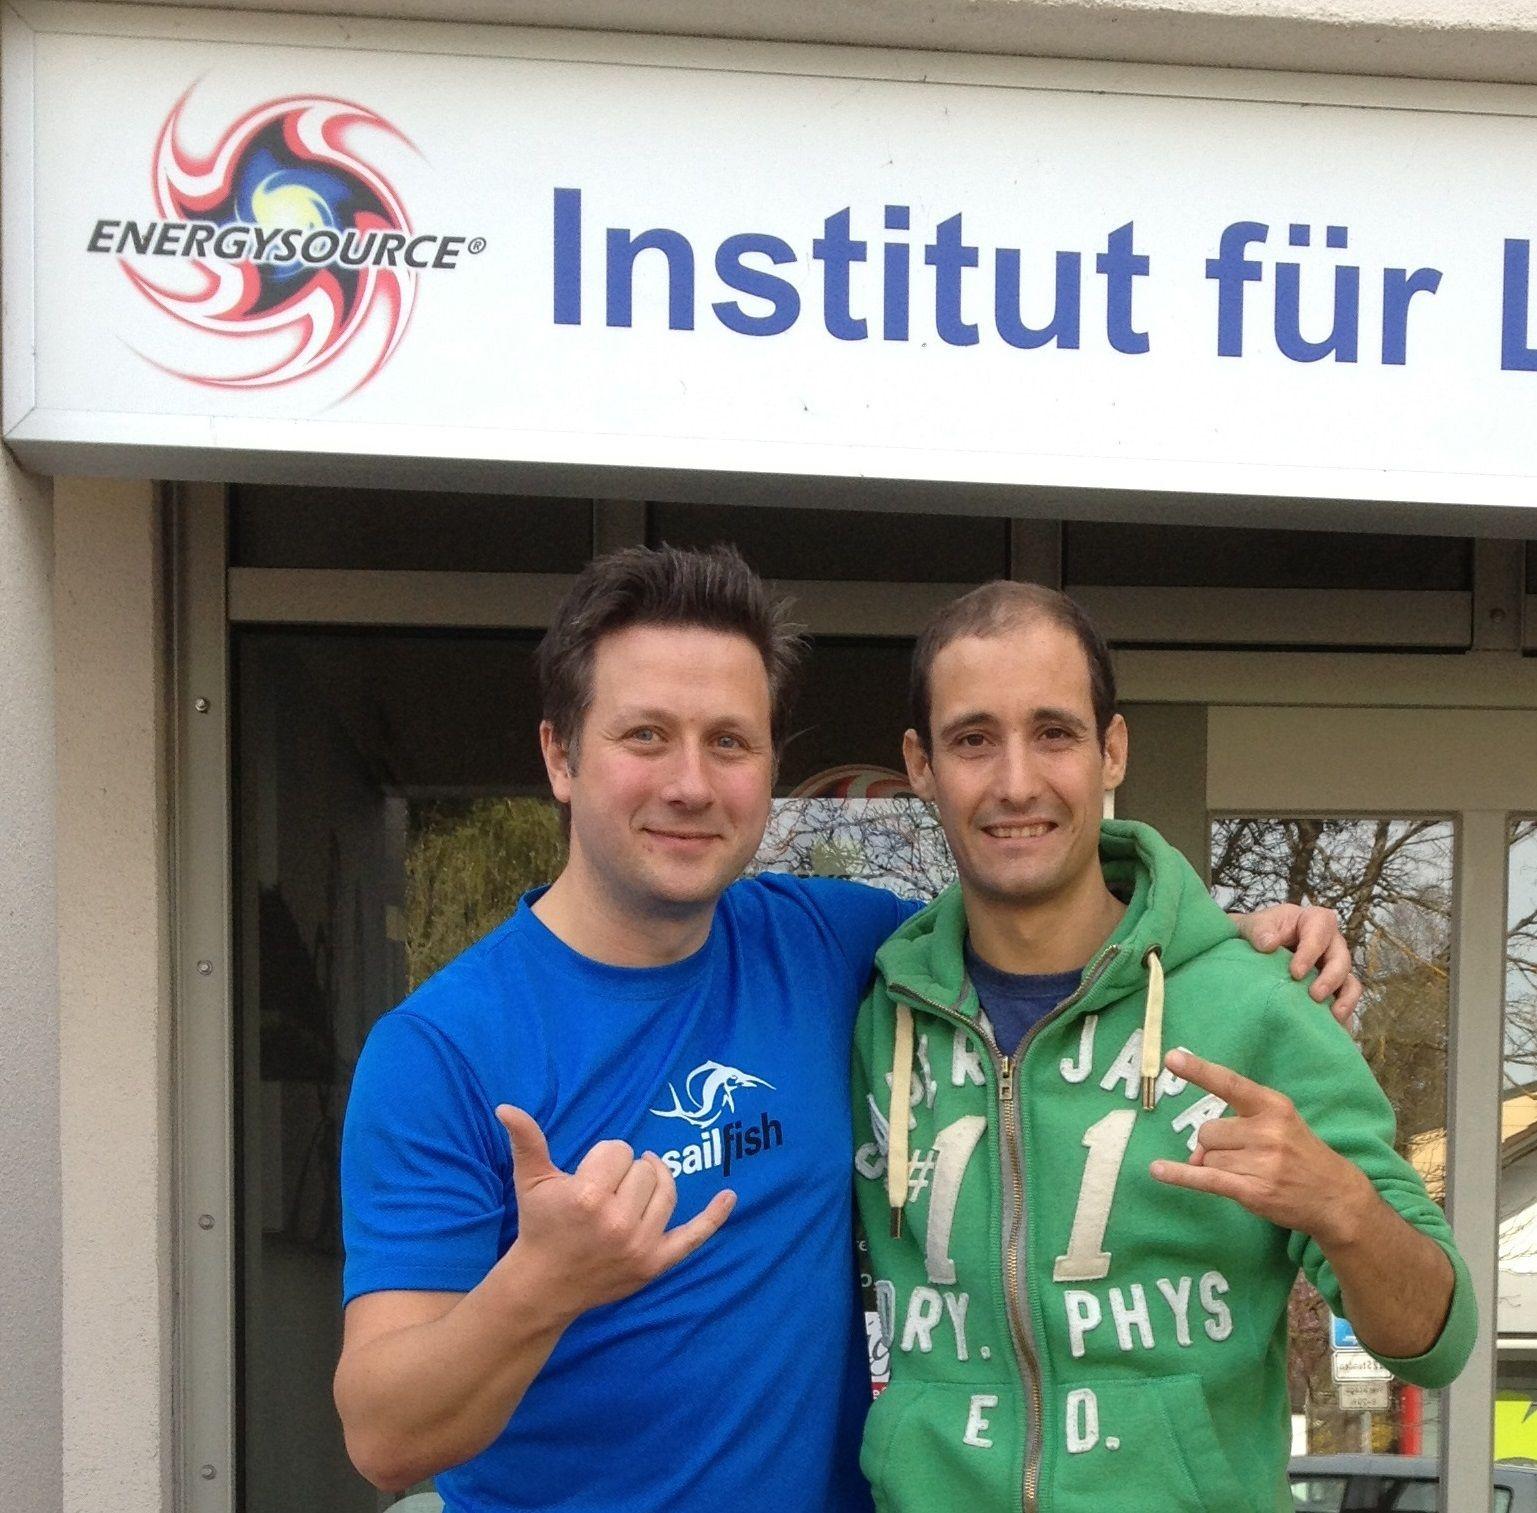 Marco trifft Christoph Näger - Geschäftsführer von Energysource - Institut für Leistungsdiagnostik (www.energysource.de)